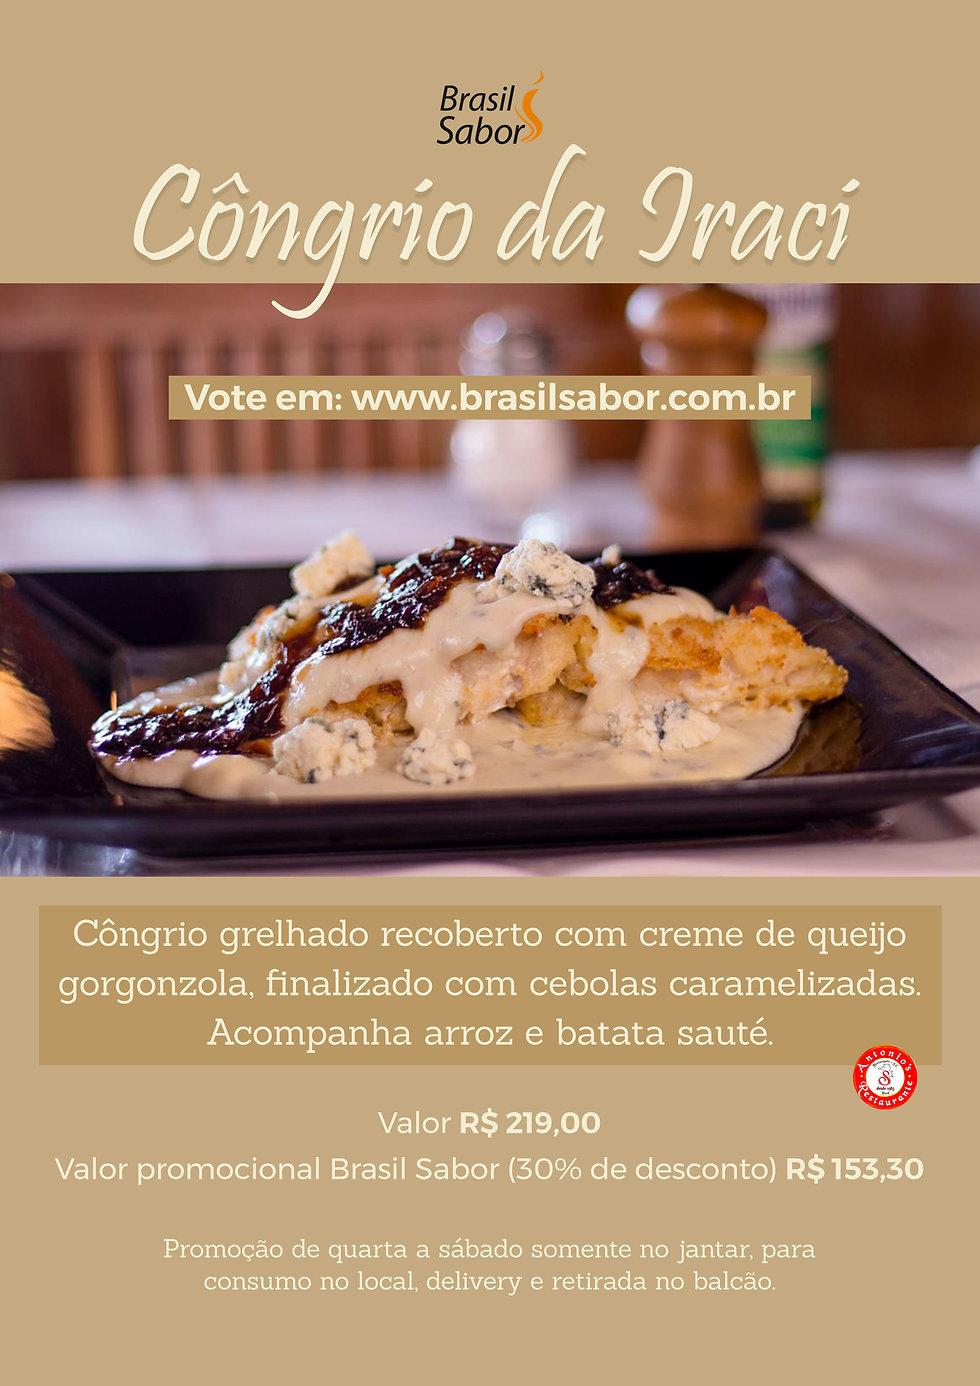 Brasil Sabor congrio.jpg